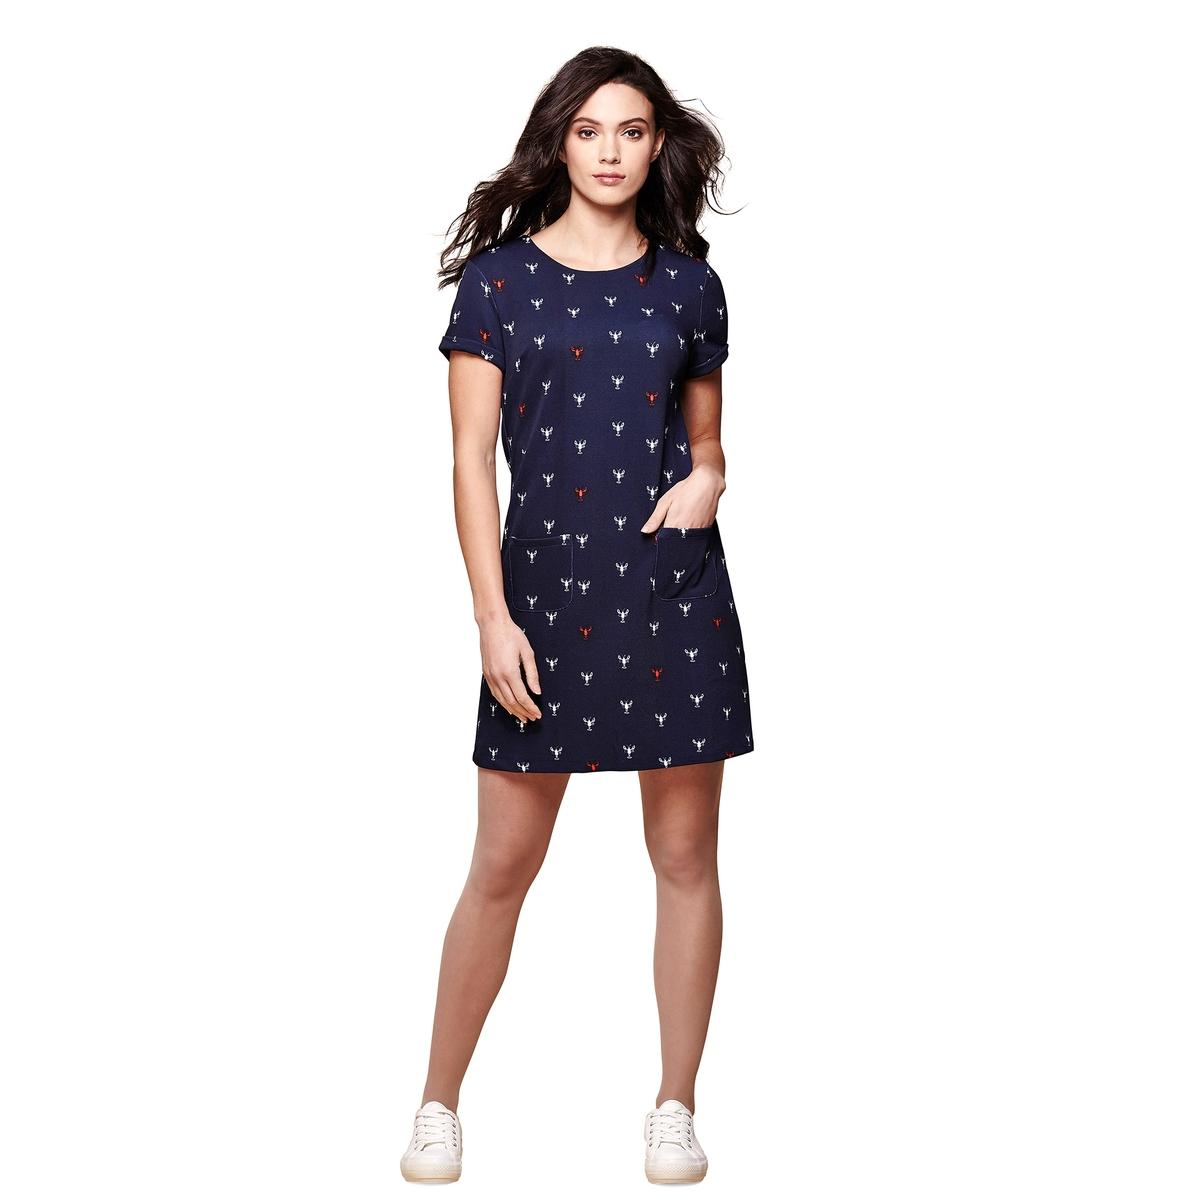 Платье прямое с короткими рукавами и рисункомМатериал : 5% эластана, 95% полиэстера  Длина рукава : короткие рукава  Форма воротника : круглый вырез Покрой платья : короткое Рисунок : принт   Длина платья : короткое<br><br>Цвет: темно-синий<br>Размер: 38 (FR) - 44 (RUS)